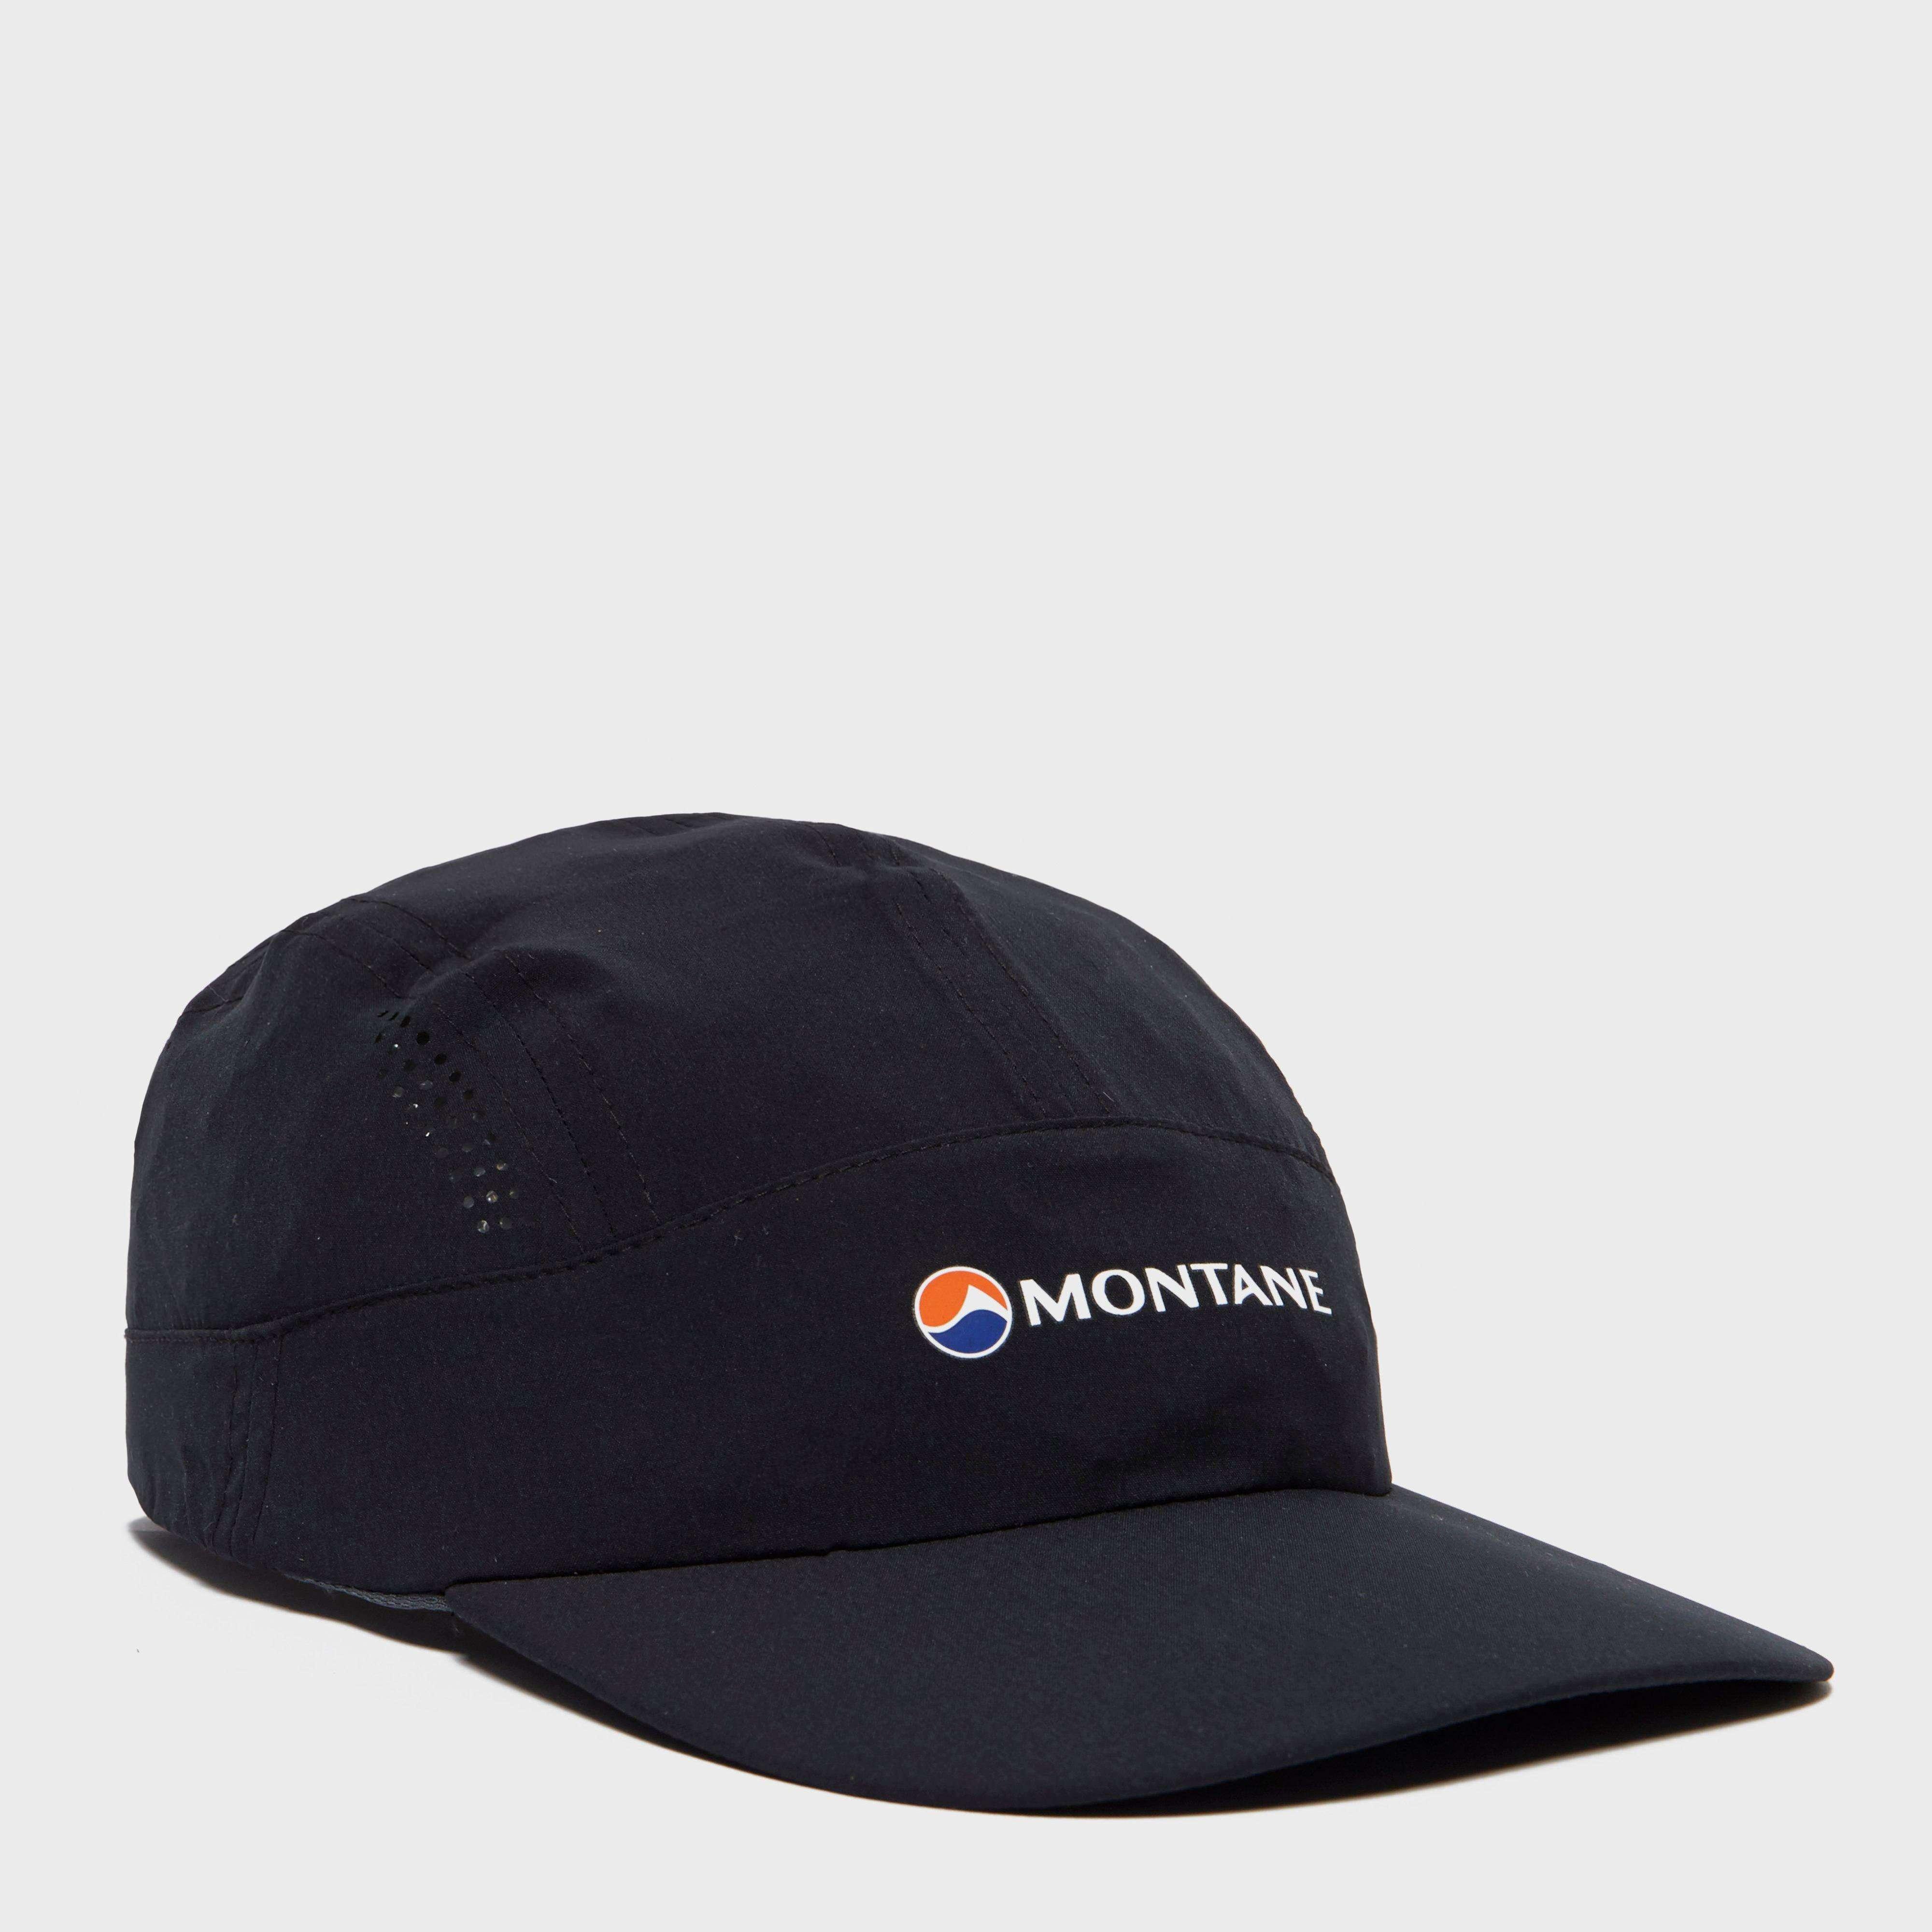 MONTANE Men's Coda Cap